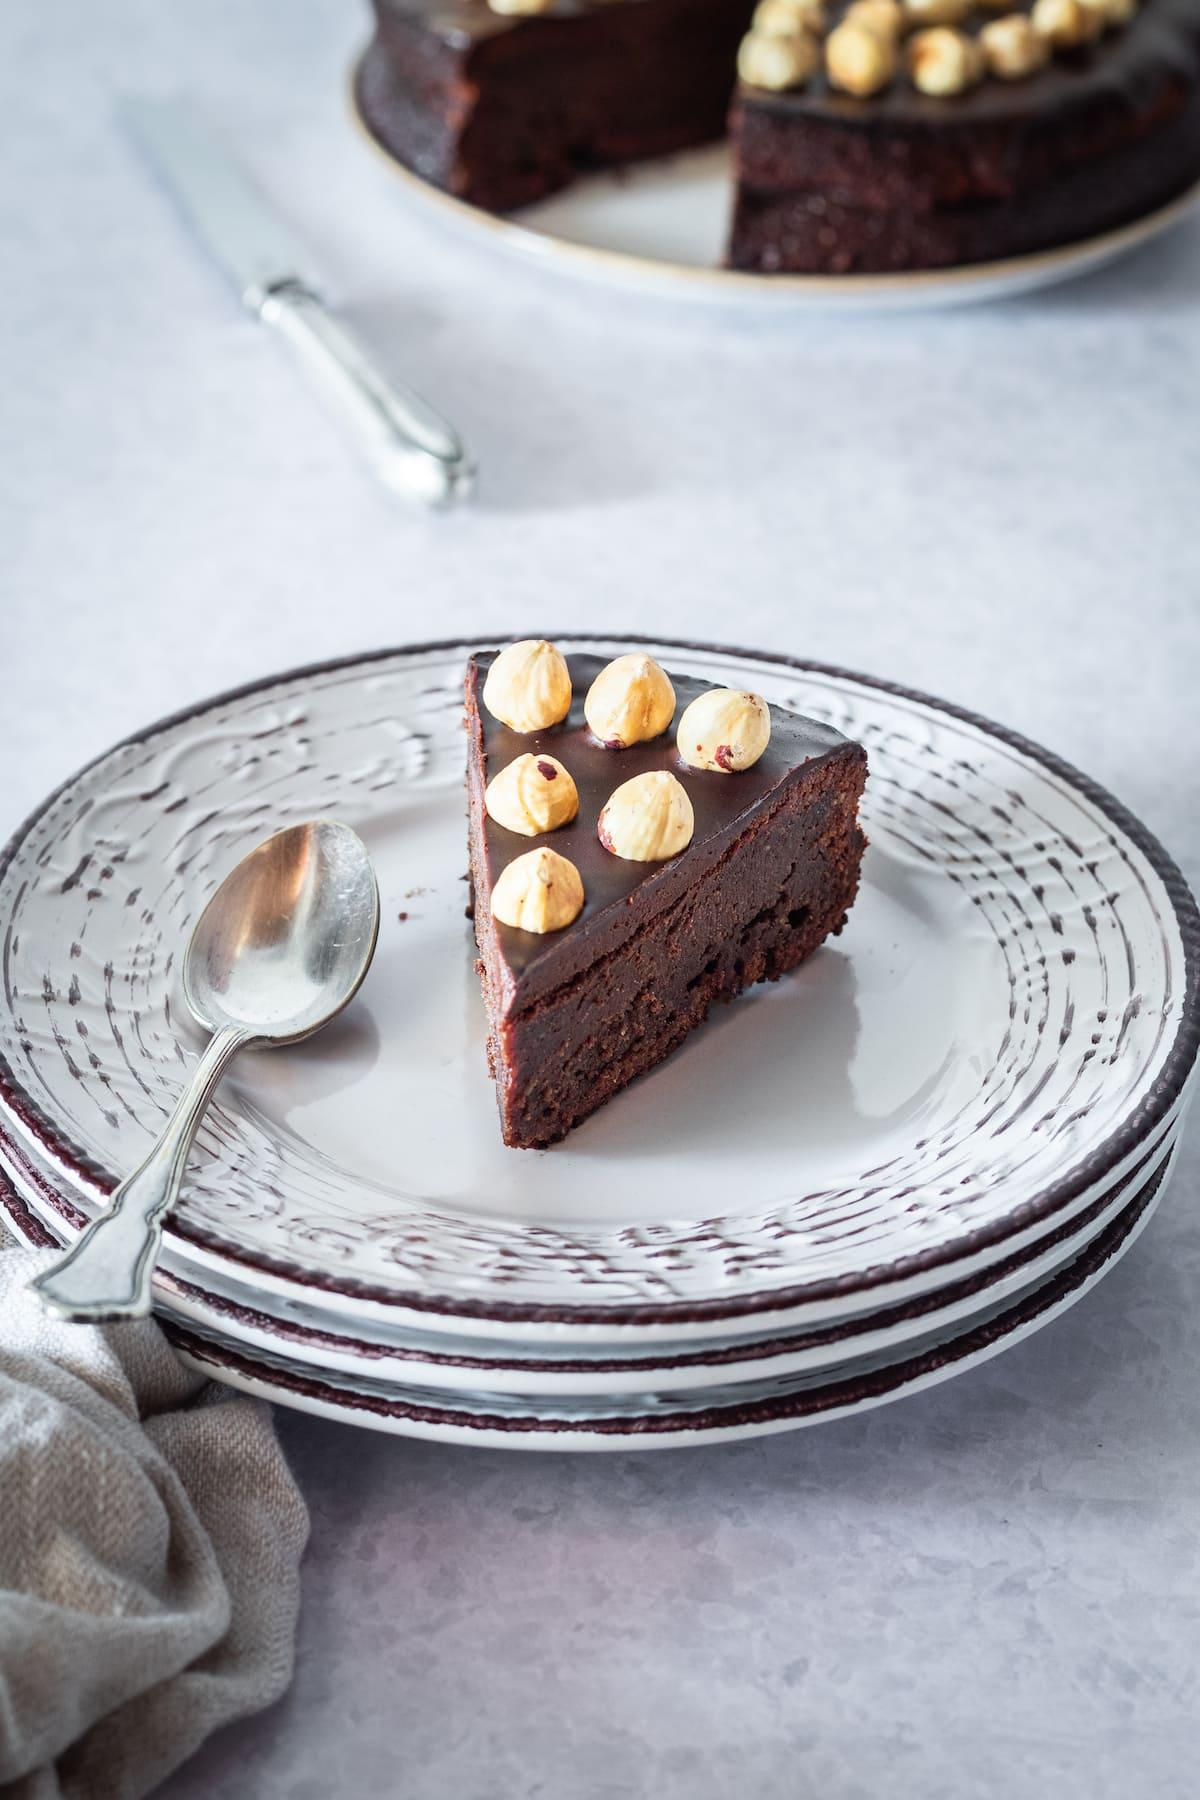 small slice of chocolate hazelnut cake